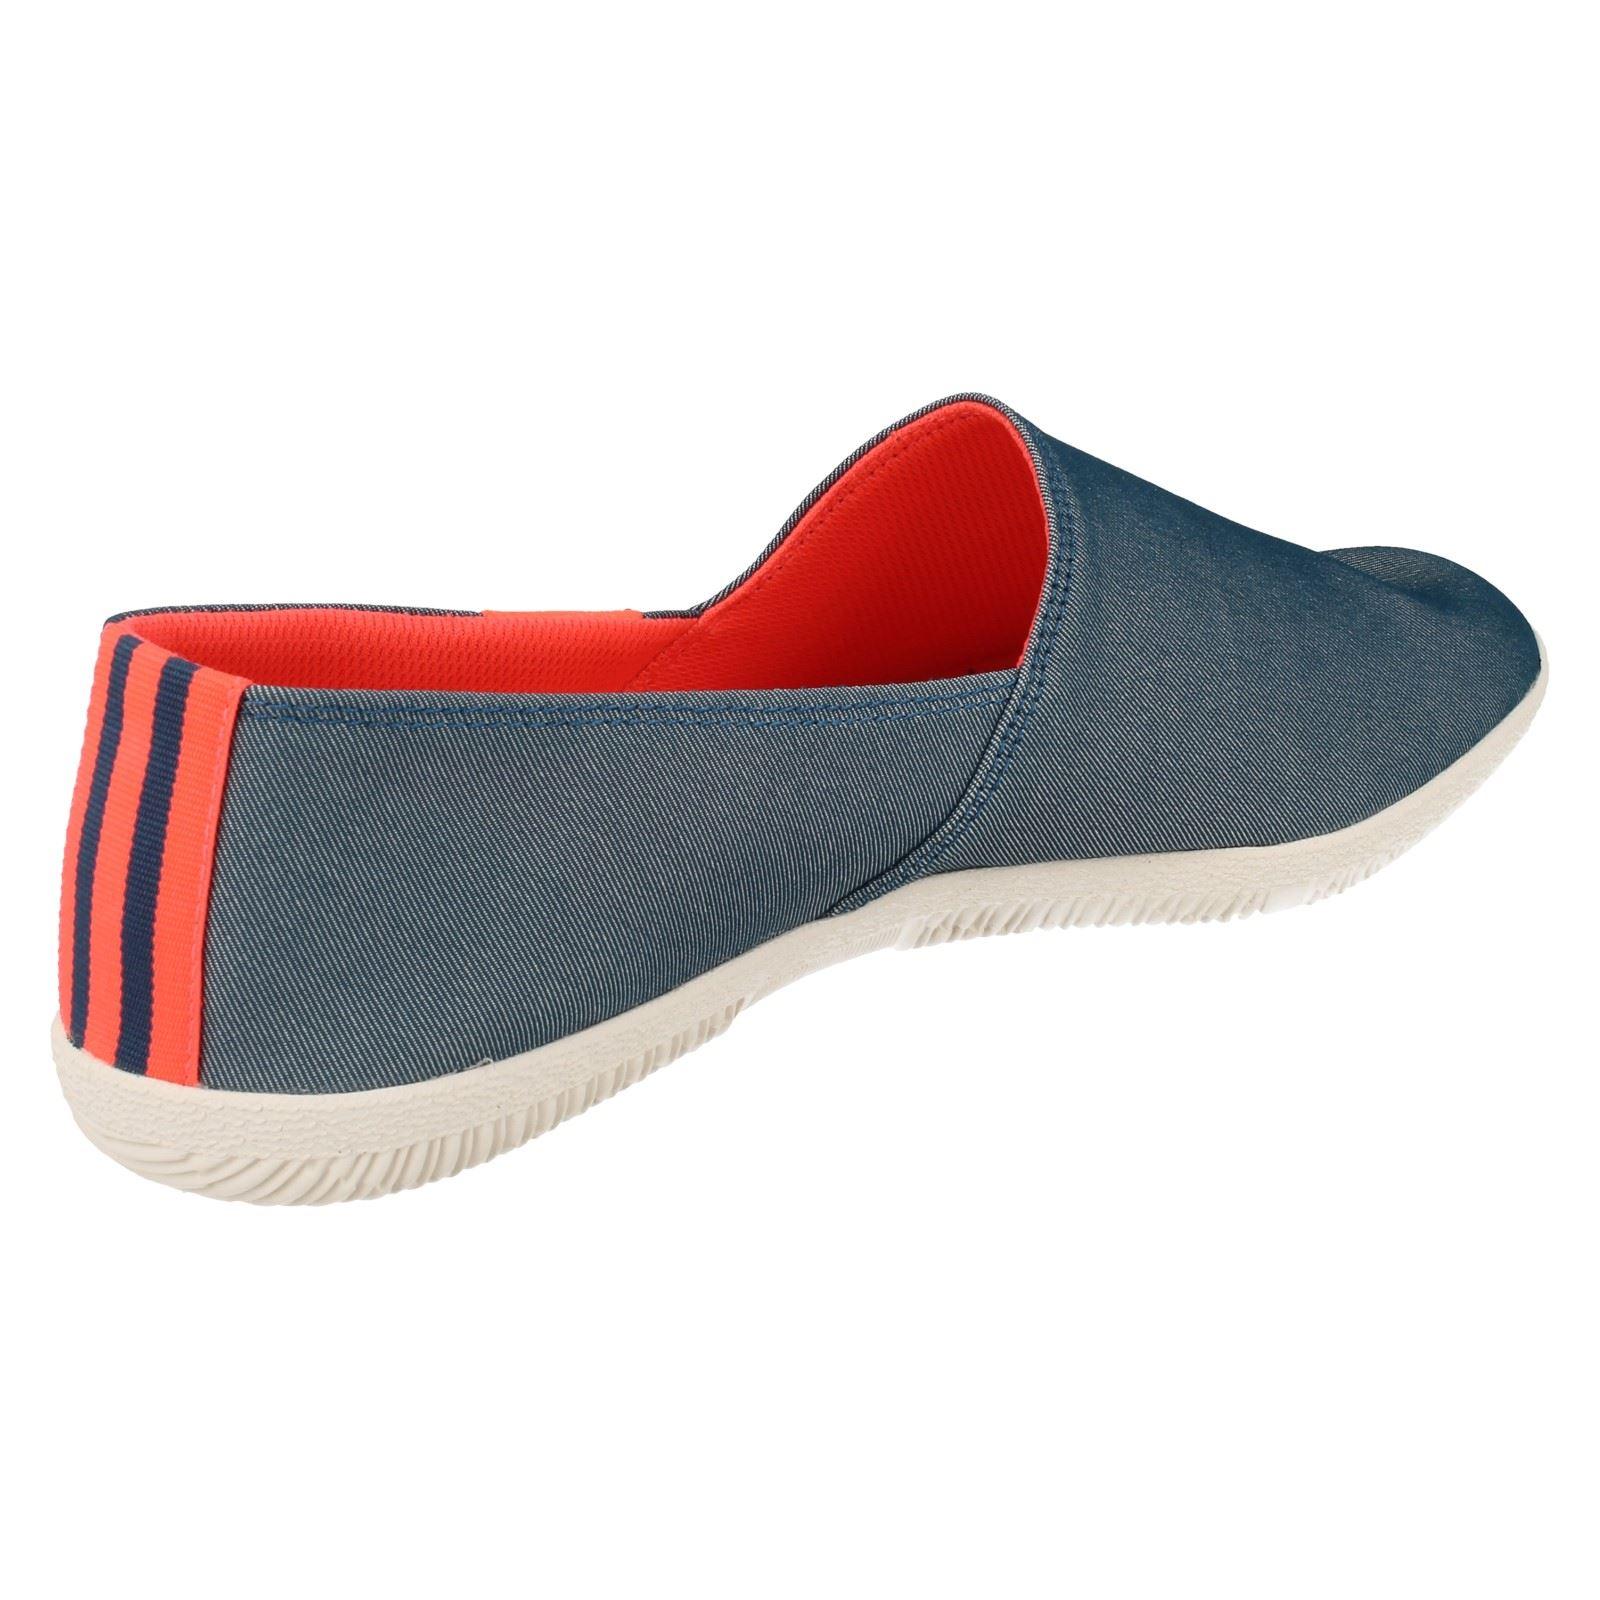 Mens-Adidas-Adidrill-Canvas-Pumps thumbnail 16